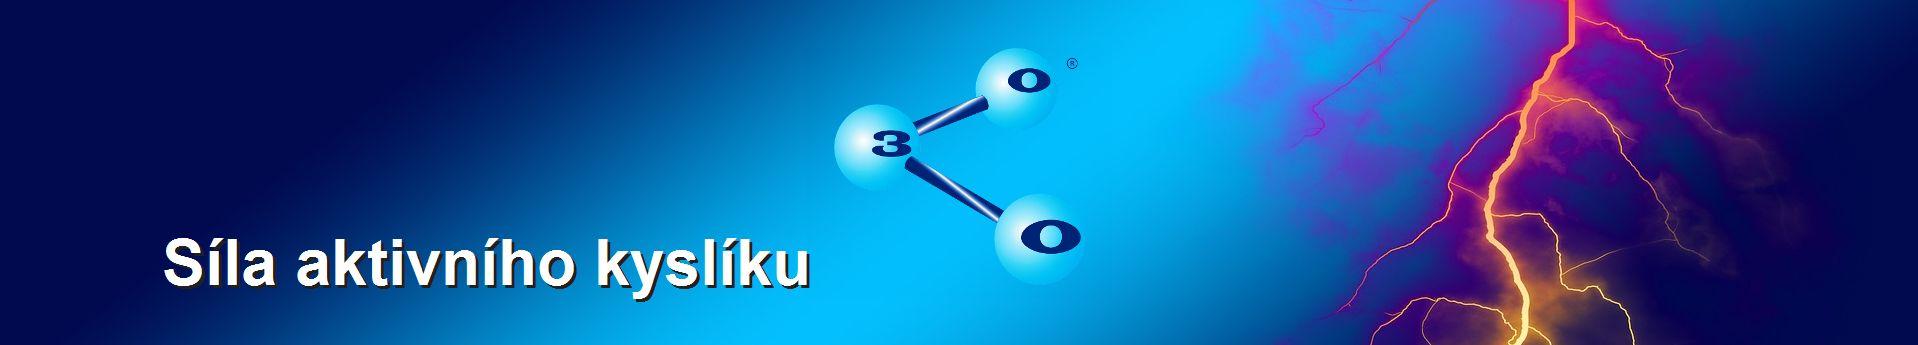 Mocná síla aktivního kyslíku - ozonu v malém přístroji